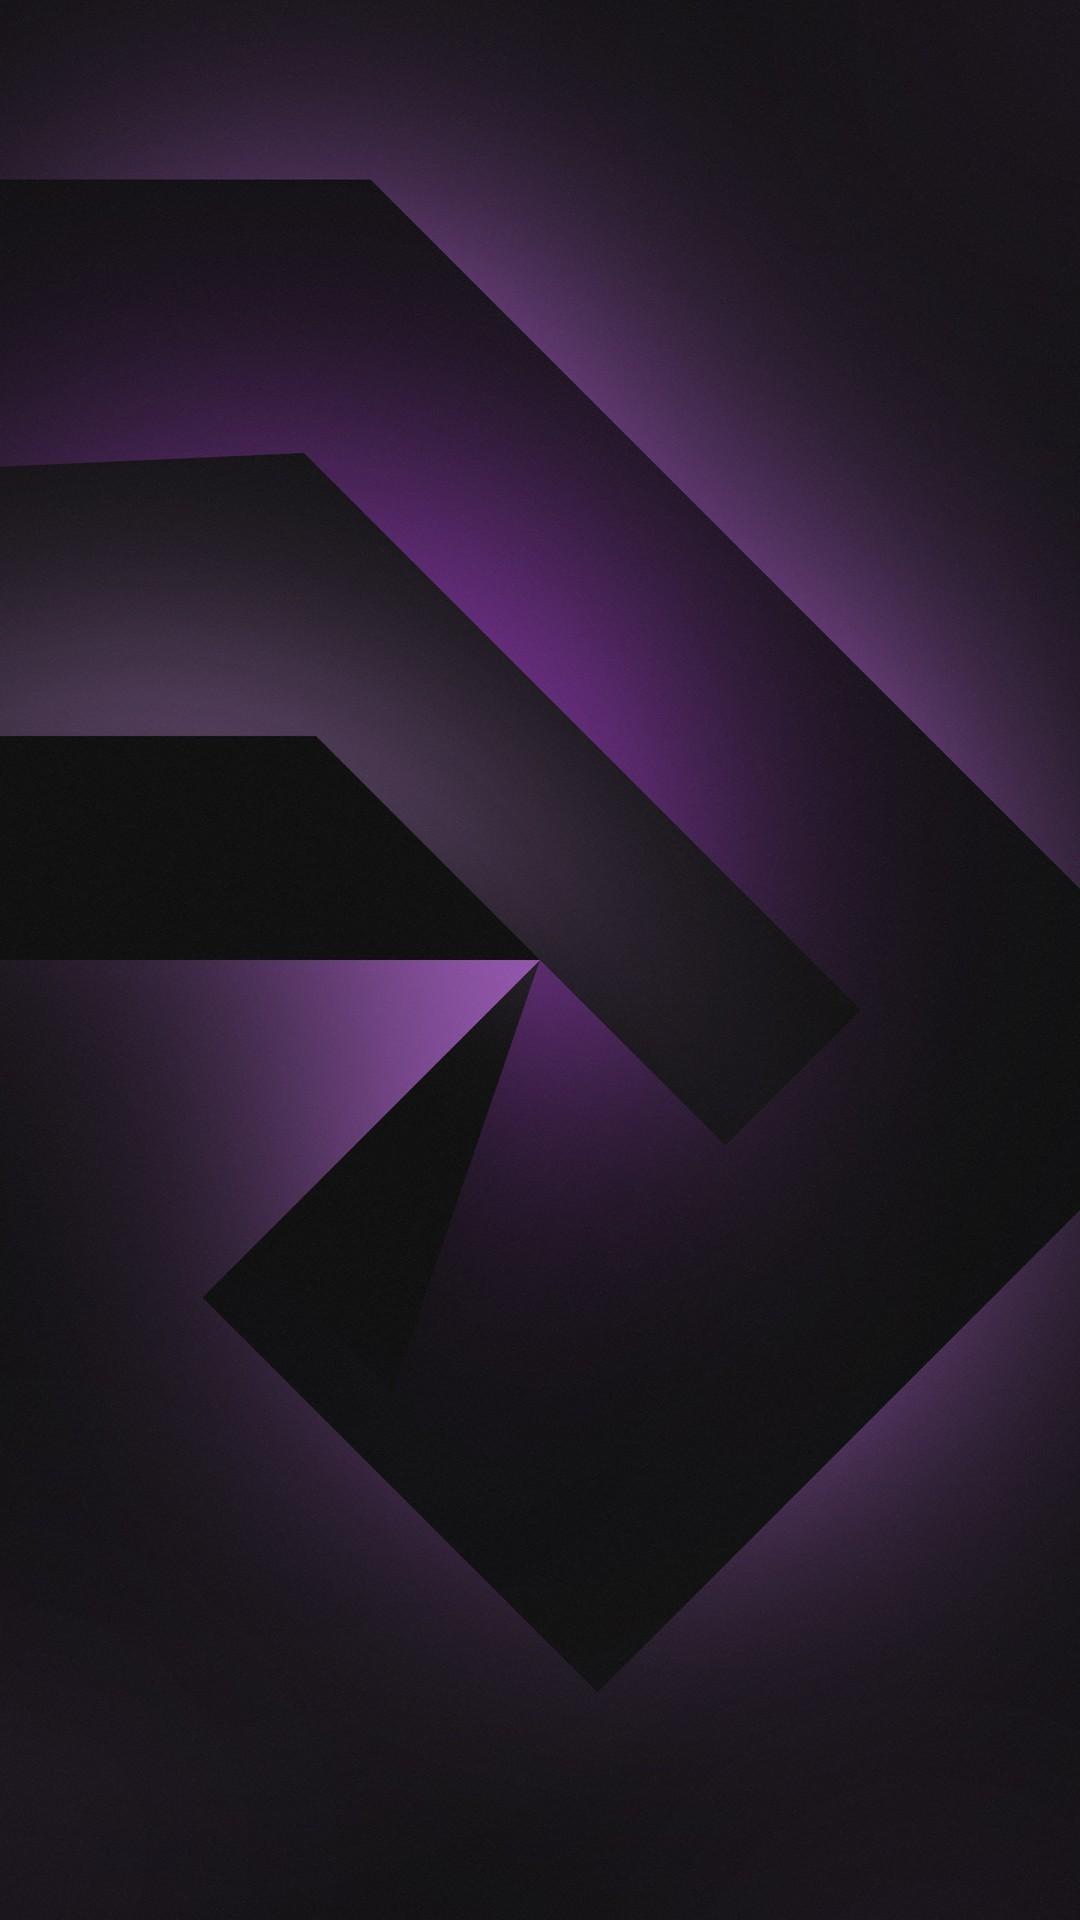 Free Dark Purple phone wallpaper by swat813